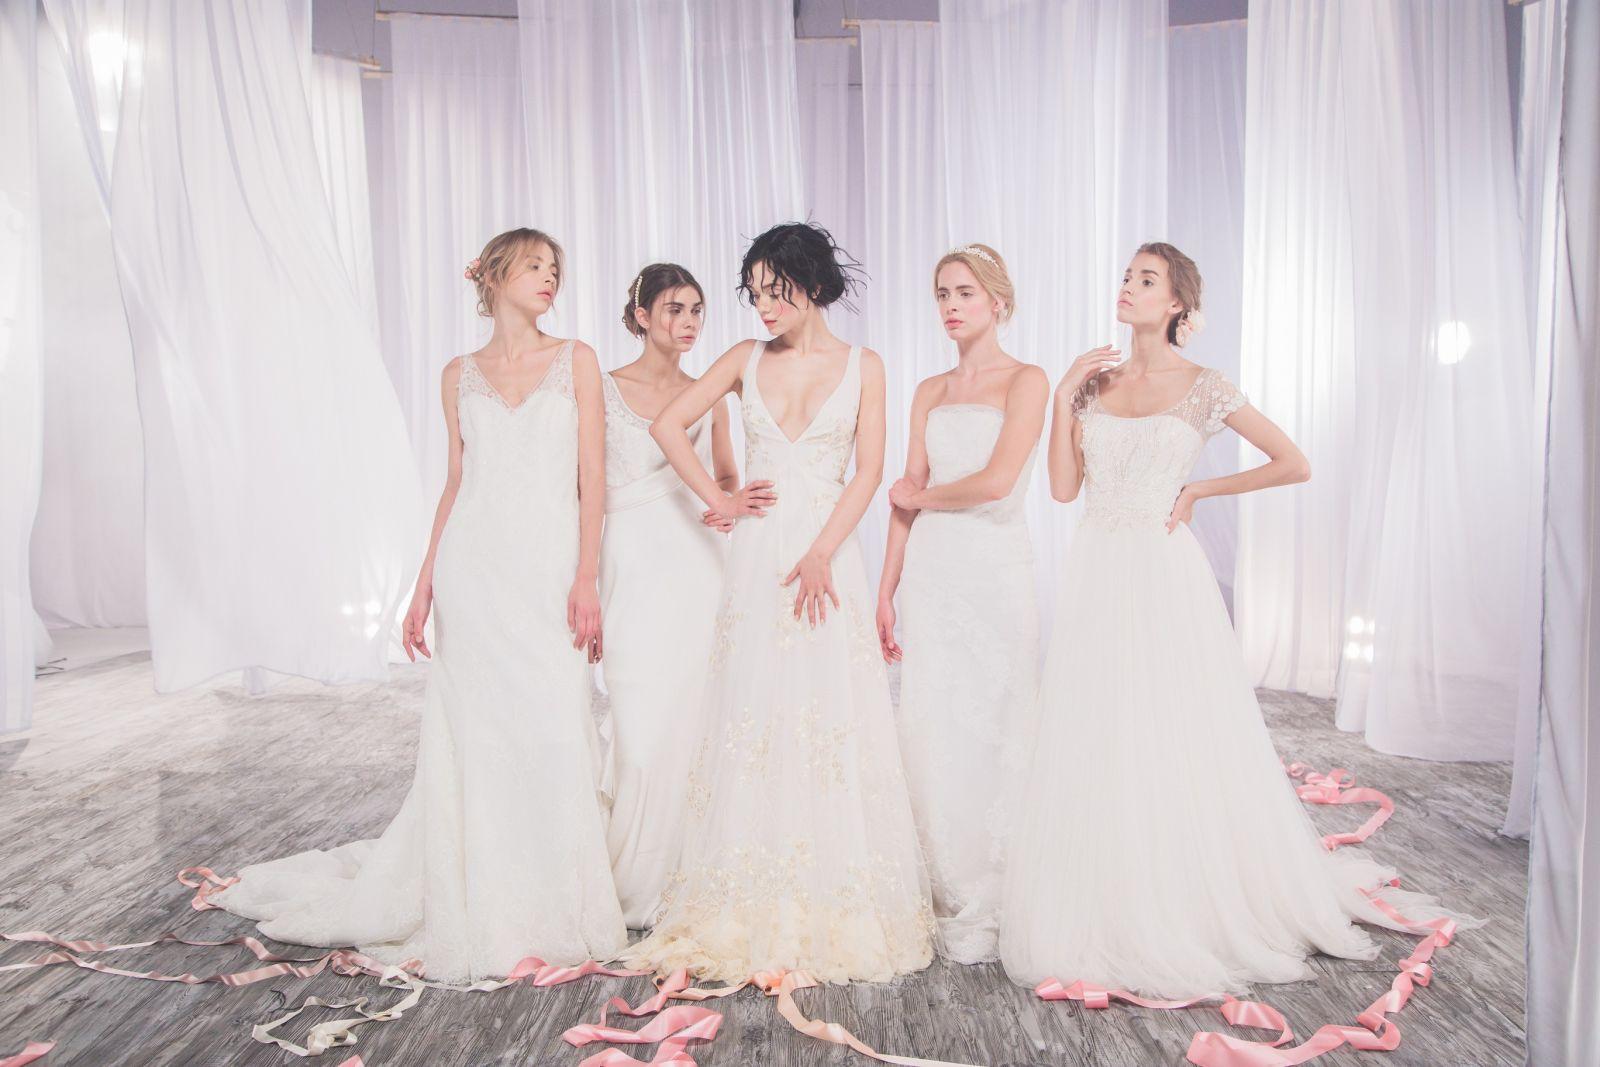 Мария Яремчук выбрала свадебное платье с откровенным вырезом